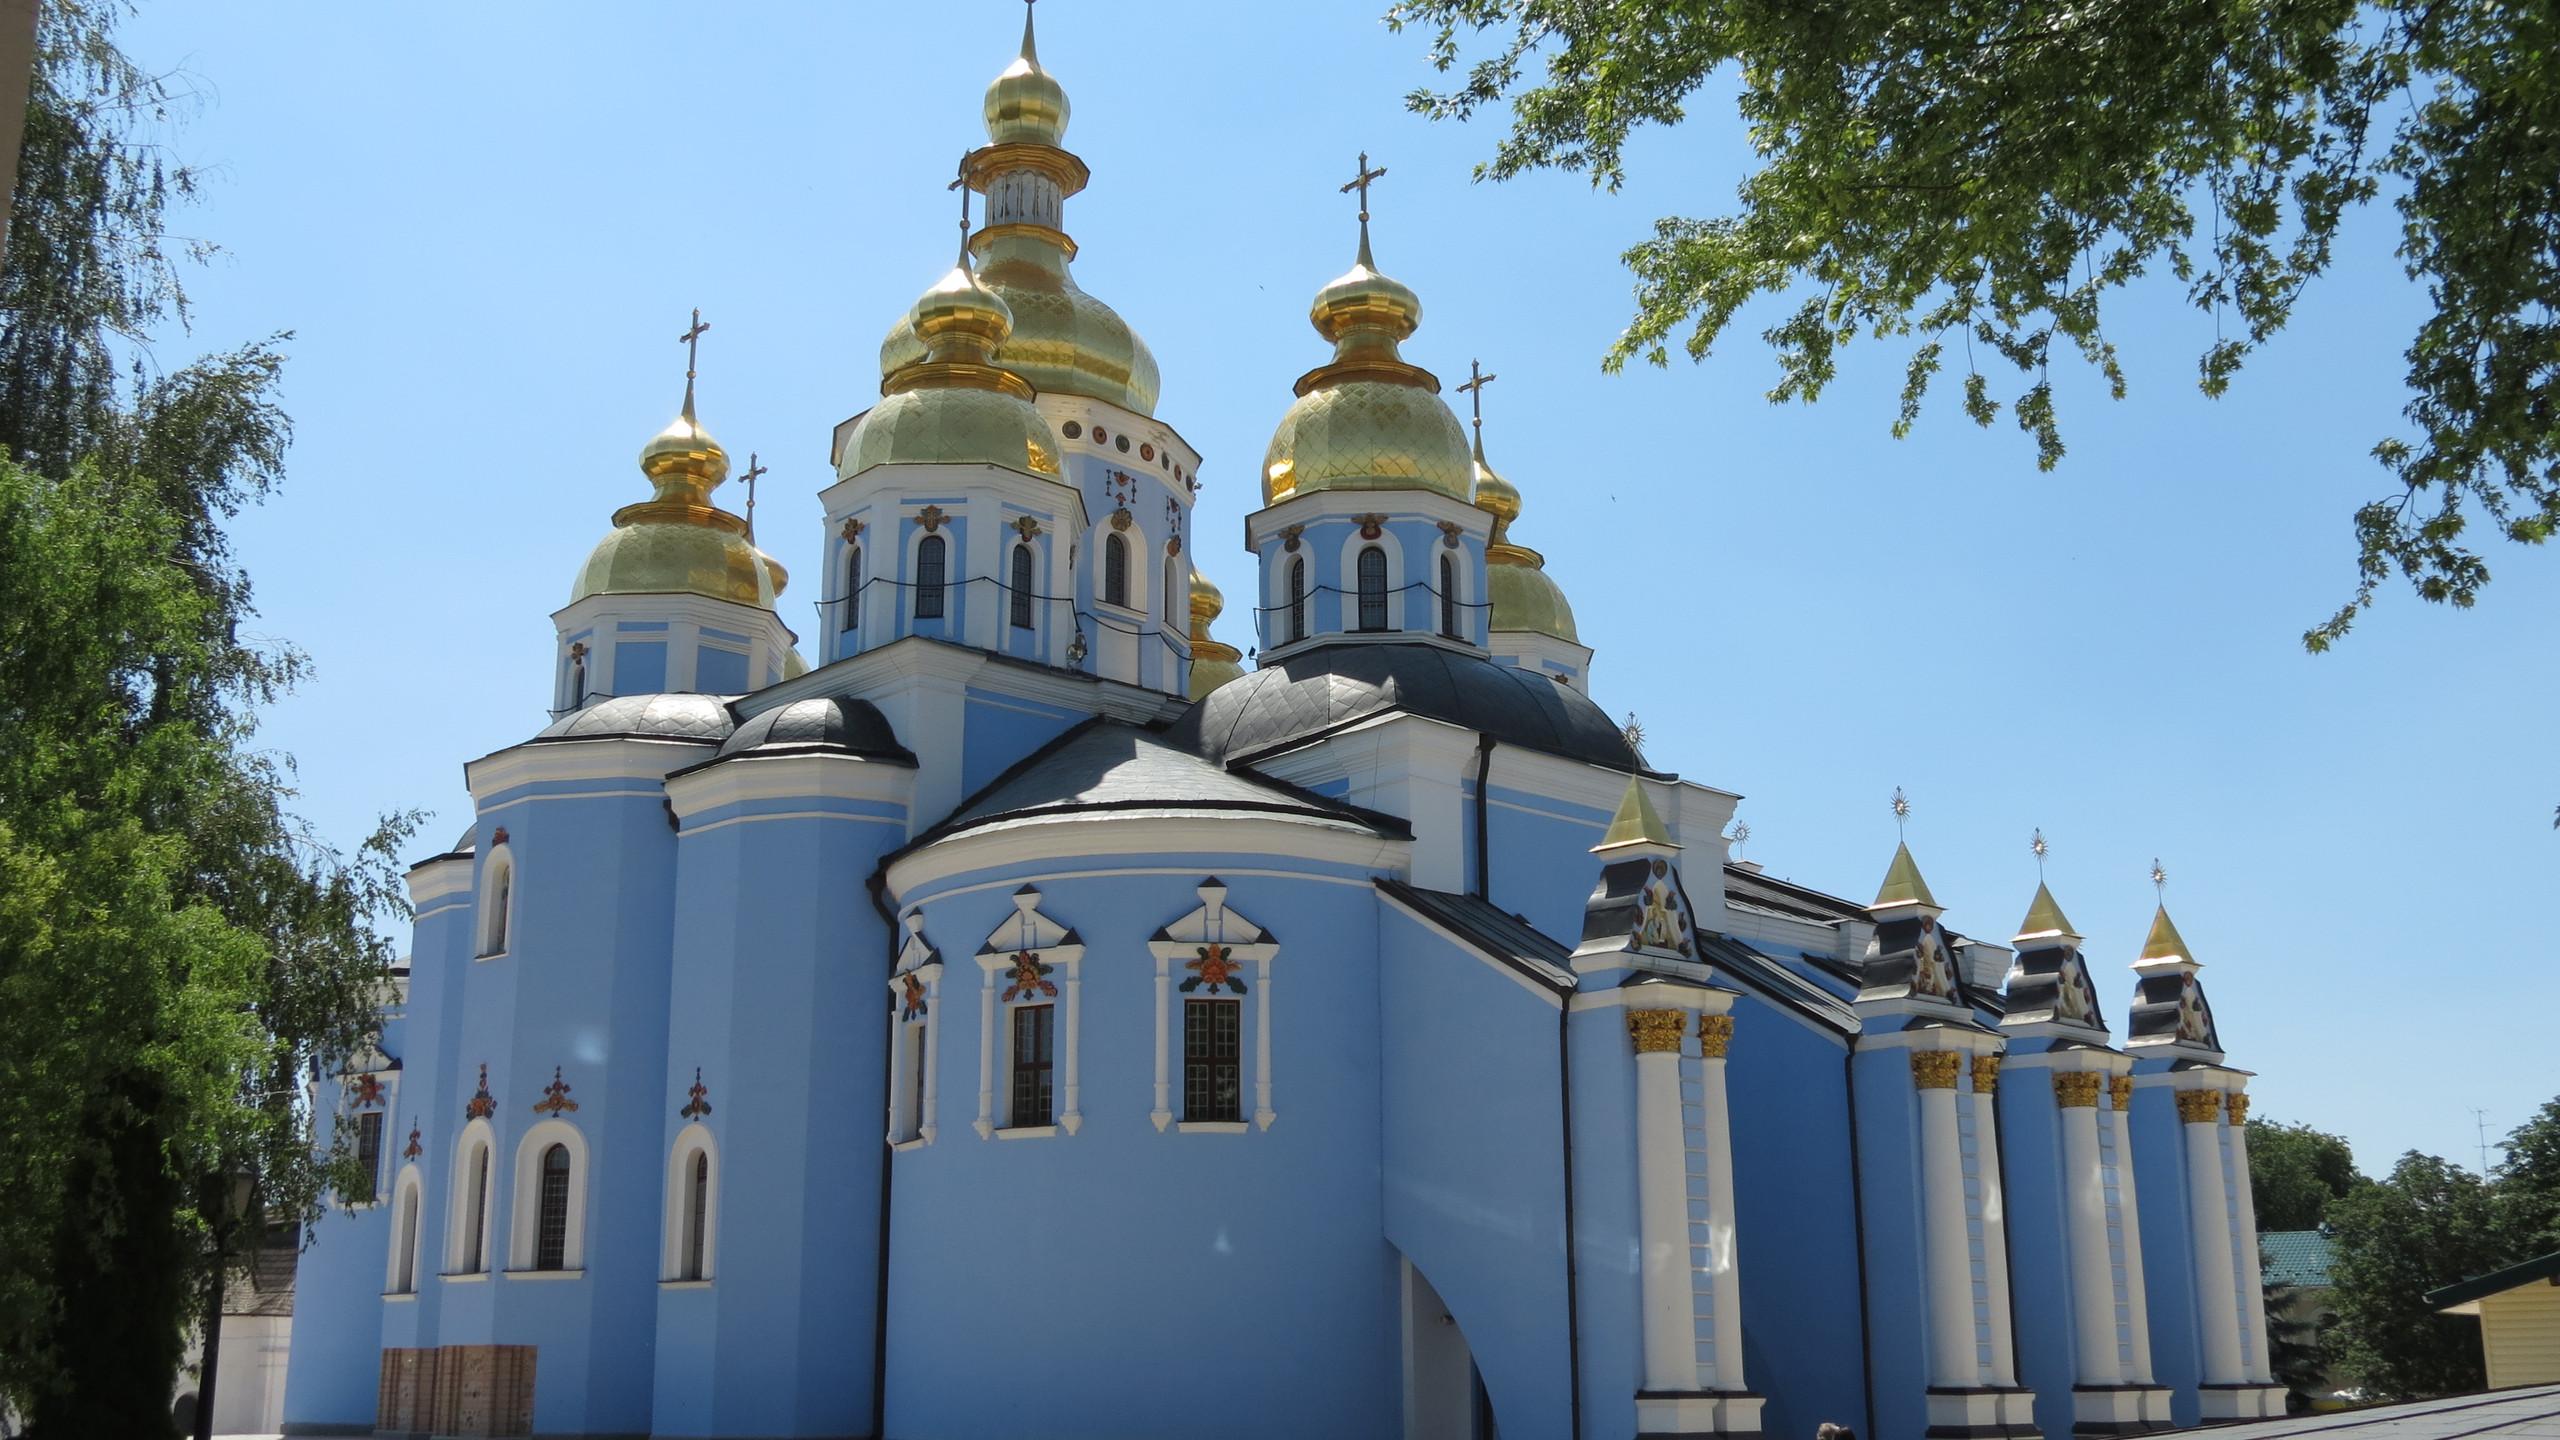 308 - Kyiv